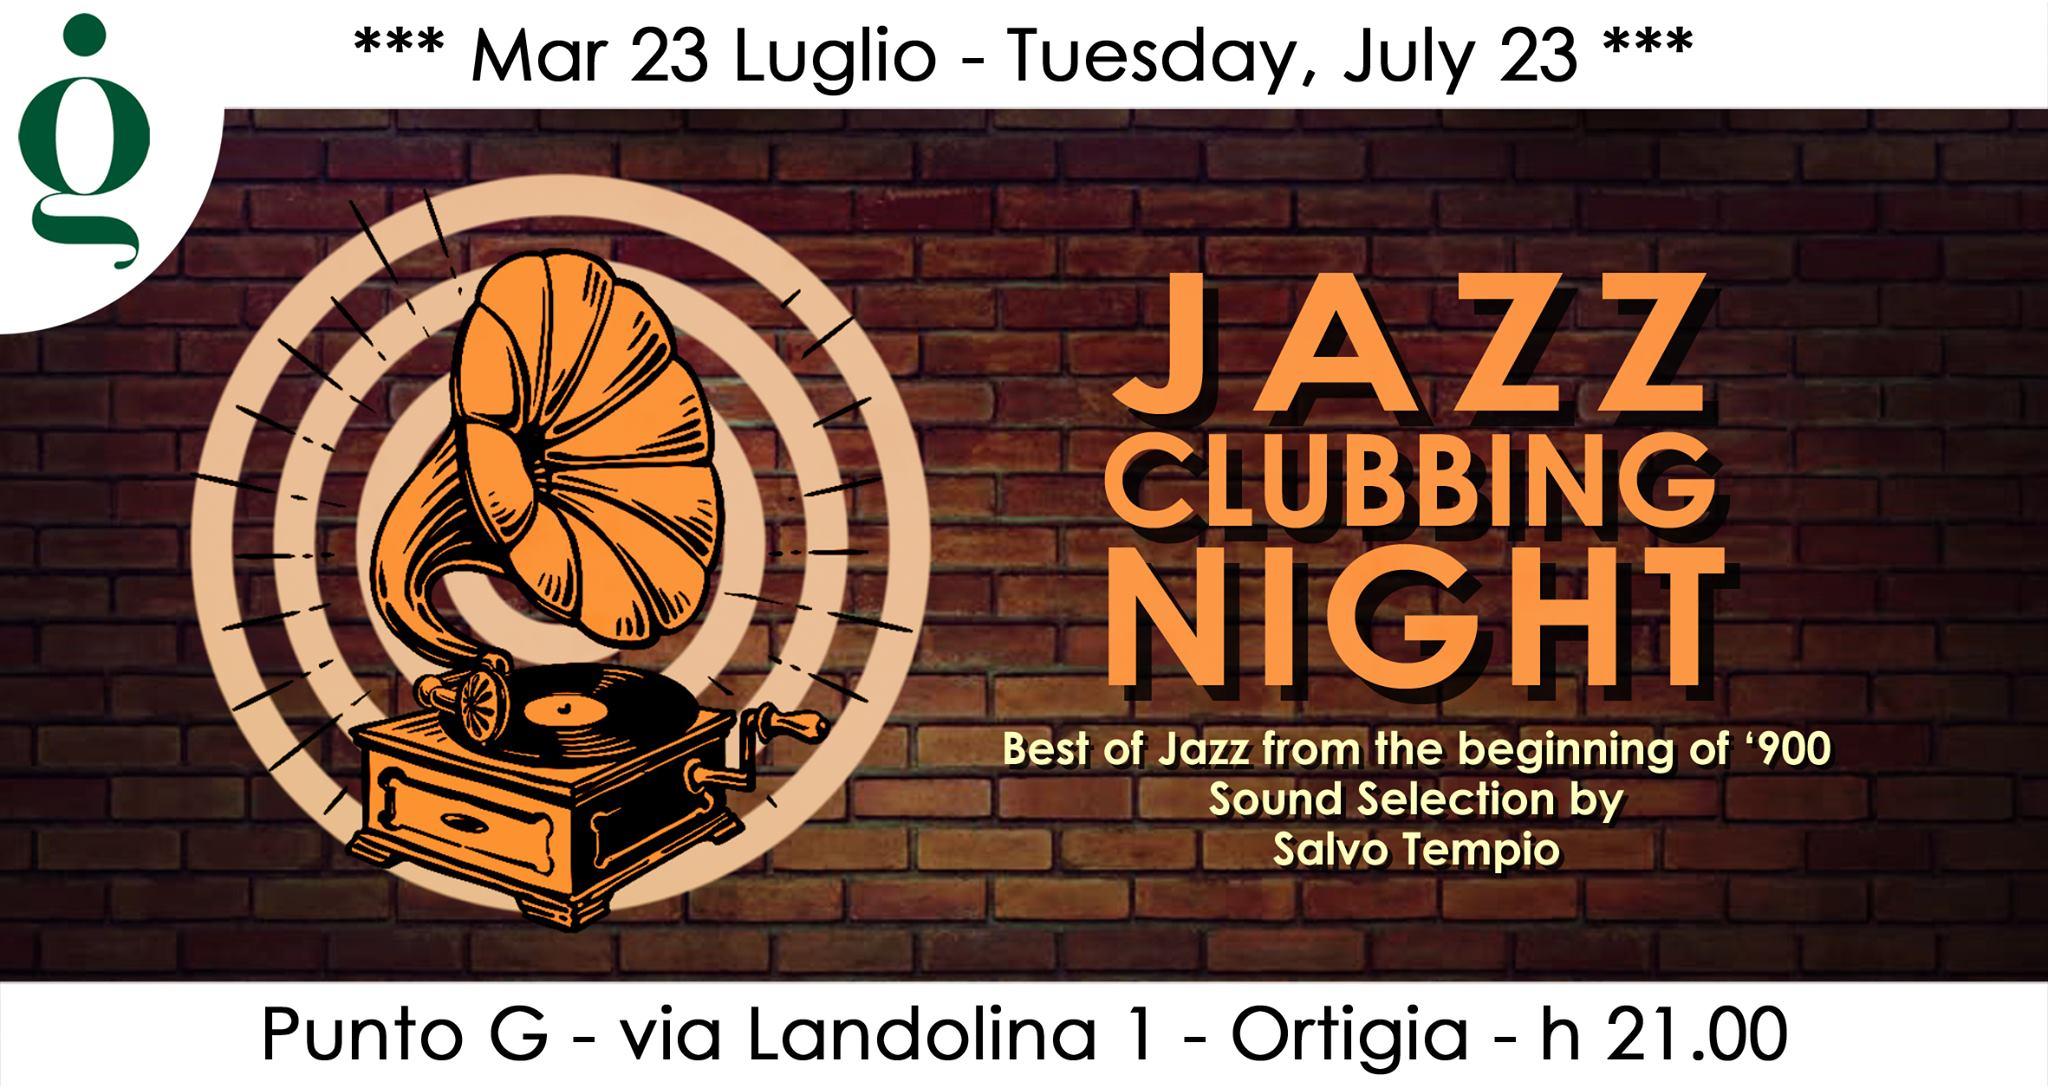 jazz clubbing night.jpg